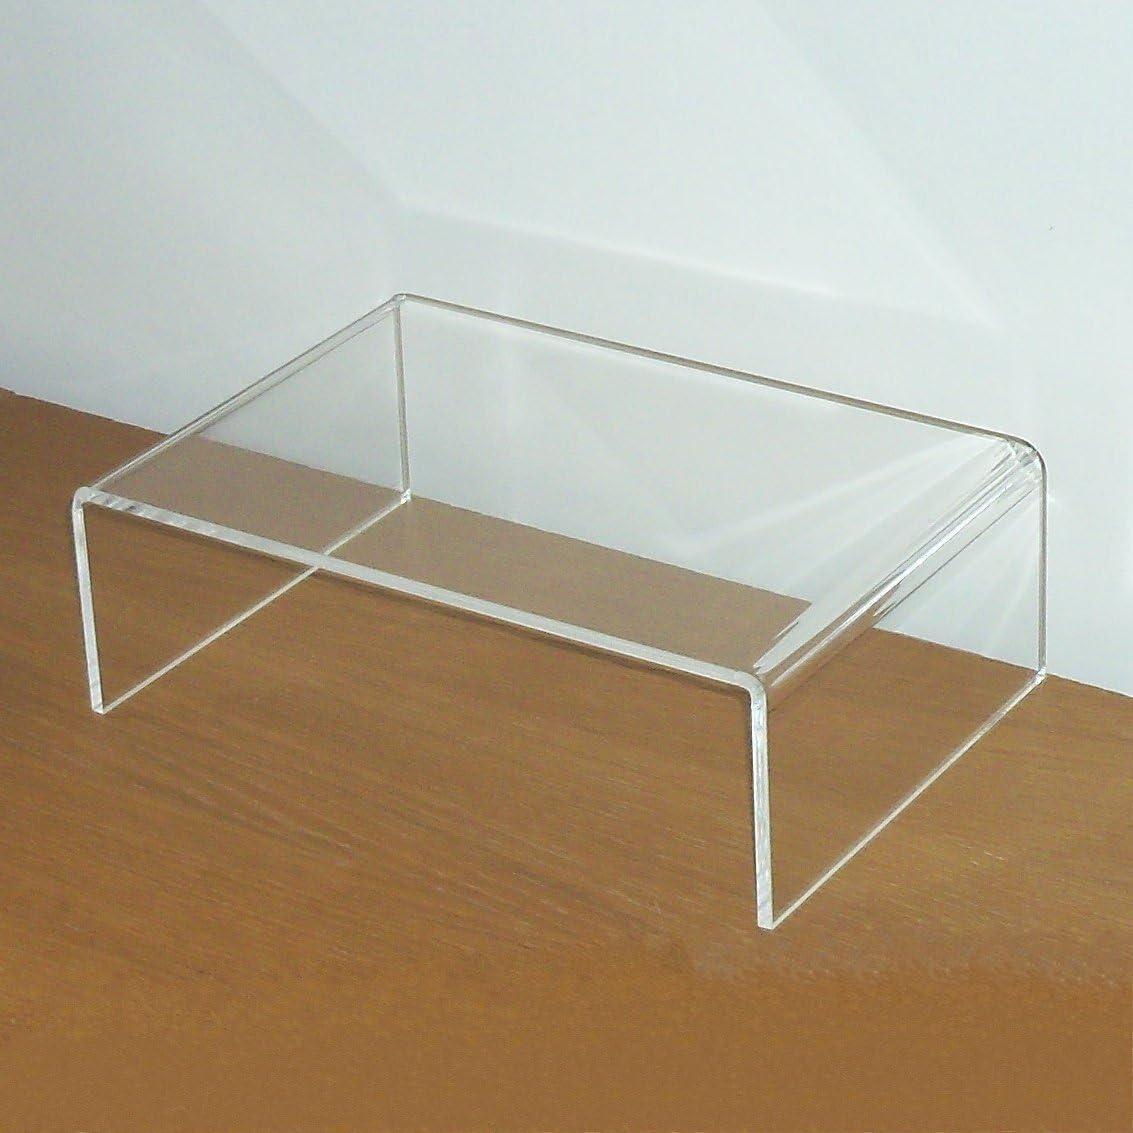 TV/bildshirm/televisor Soporte elevador/Stand/TV Banco accesorio de acrílico cristal, grande 60 x 24 x 15 cm: Amazon.es: Hogar